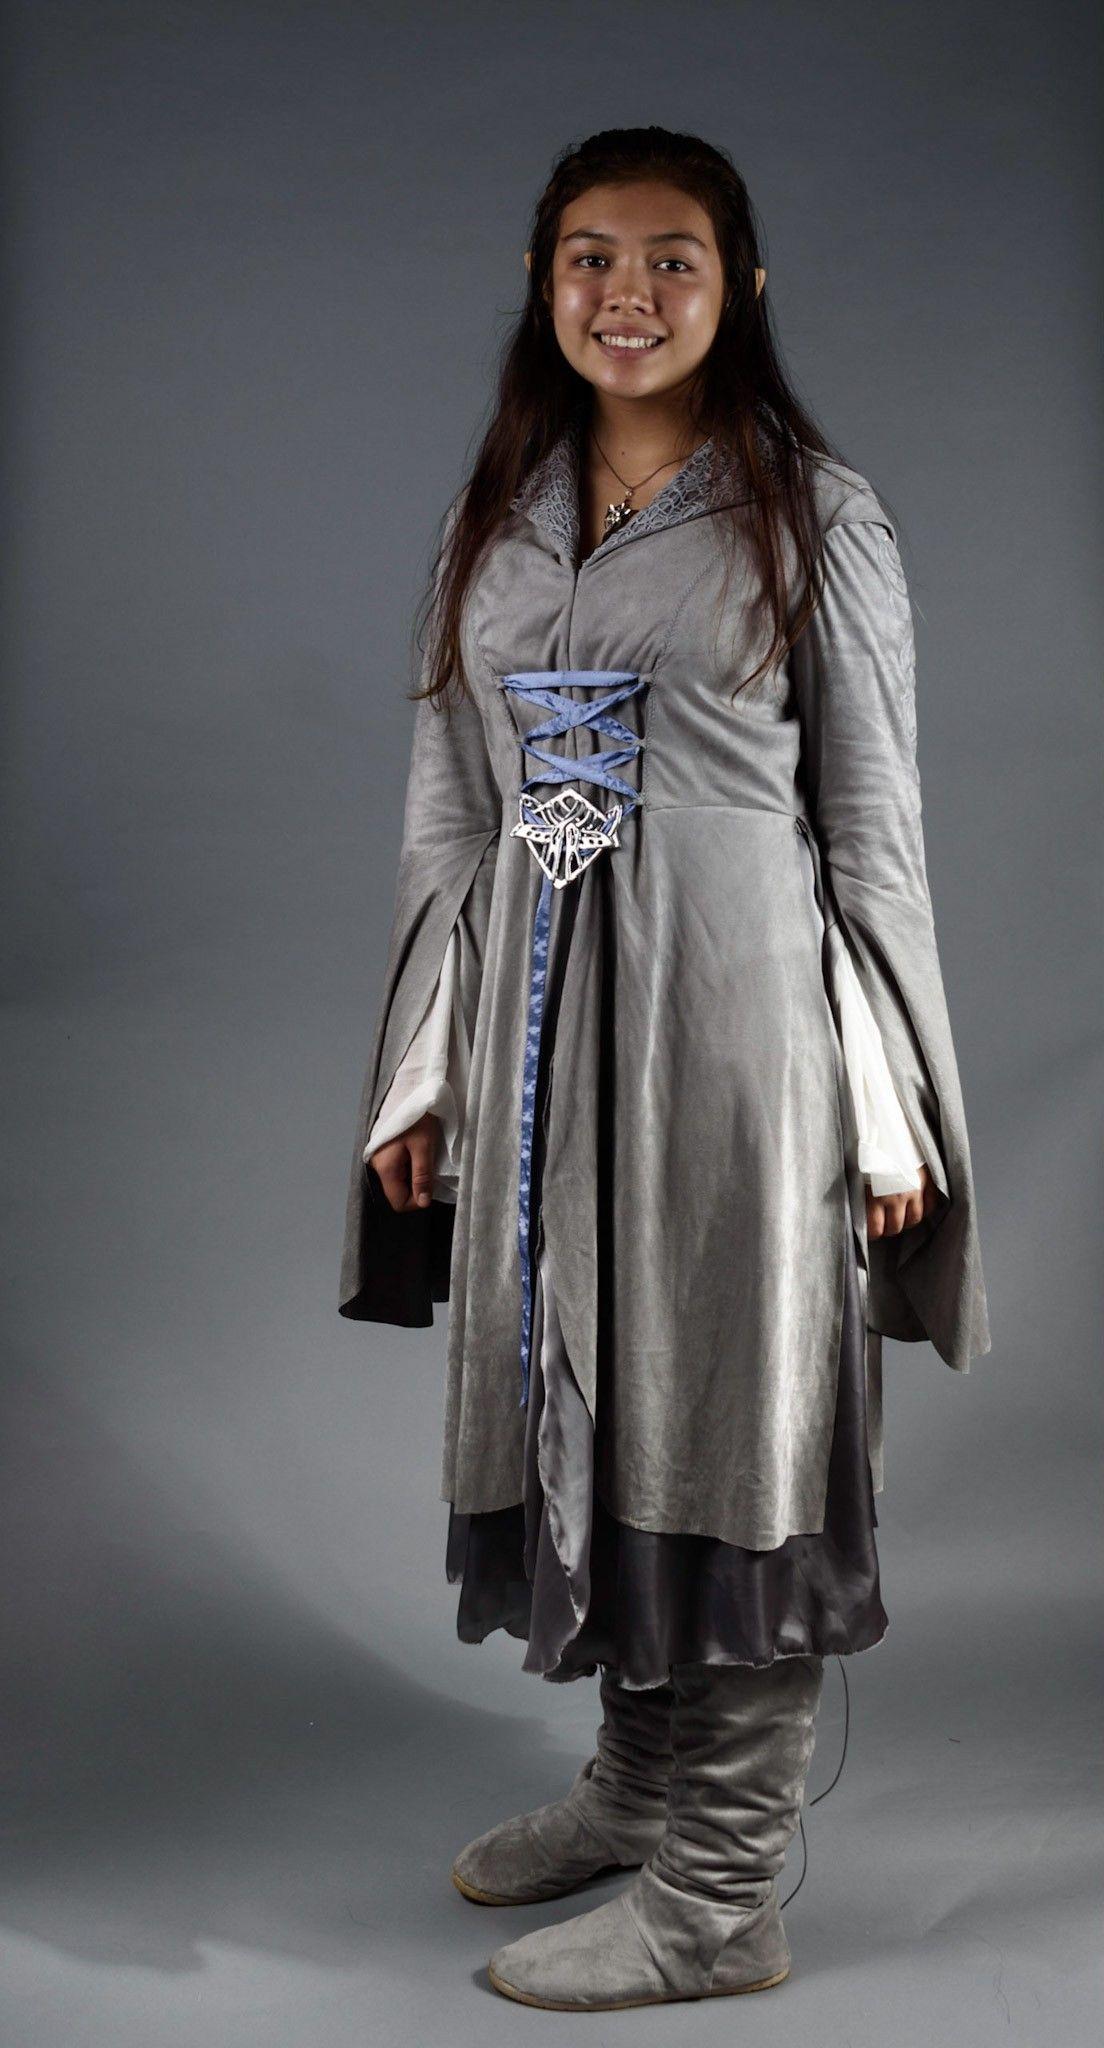 Elrond Lotr elves, Elven costume, Hugo weaving